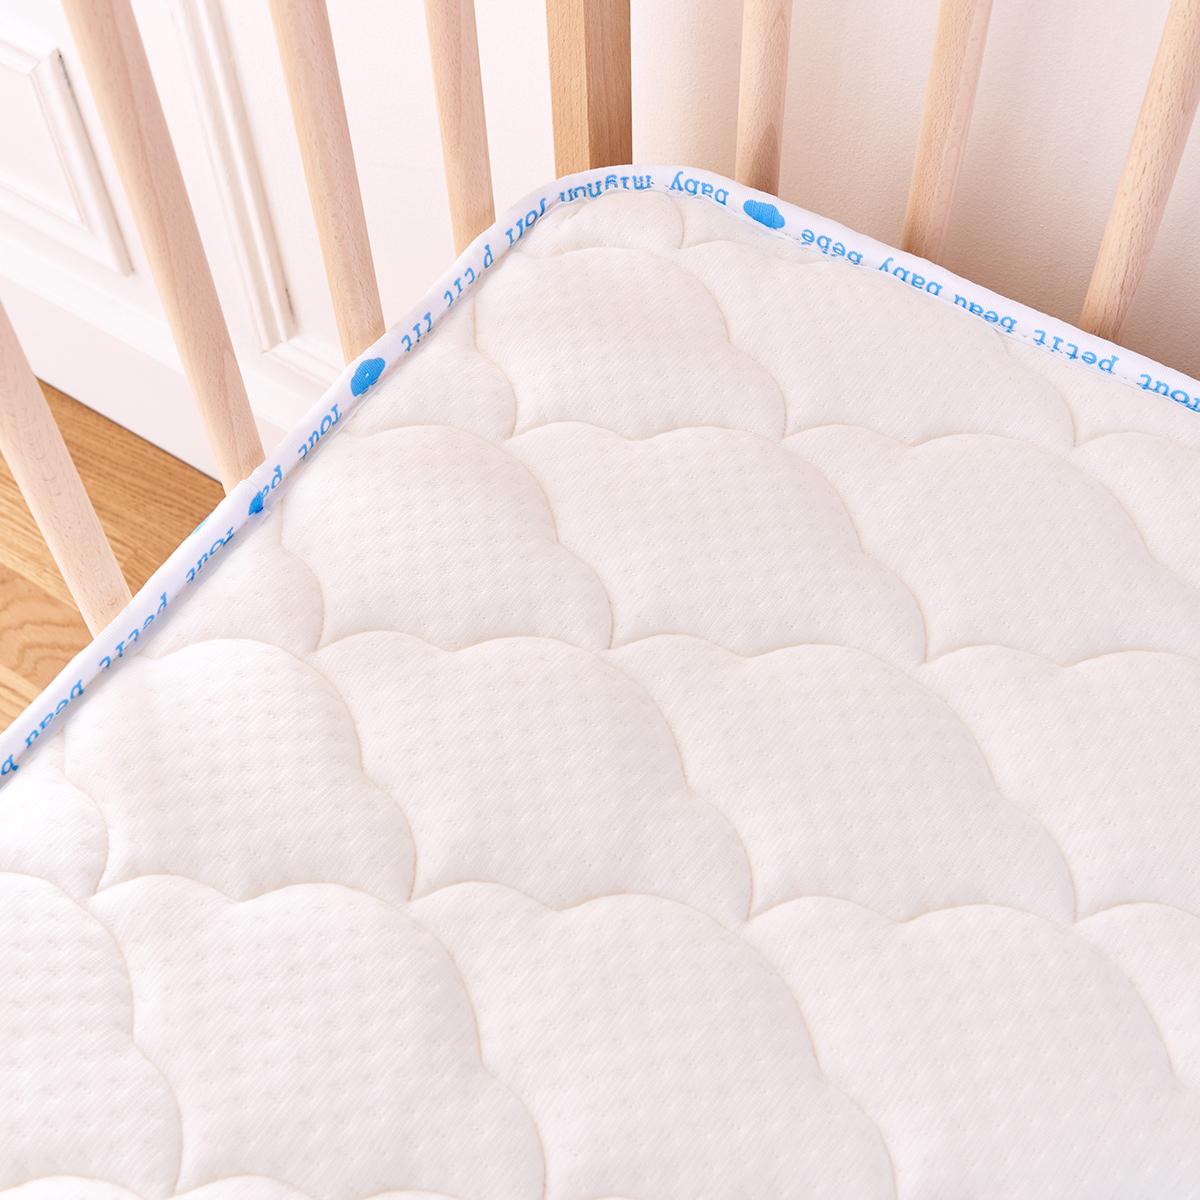 p 39 tit lit matelas ventil 60 x 120 cm matelas b b p 39 tit lit sur l 39 armoire de b b. Black Bedroom Furniture Sets. Home Design Ideas